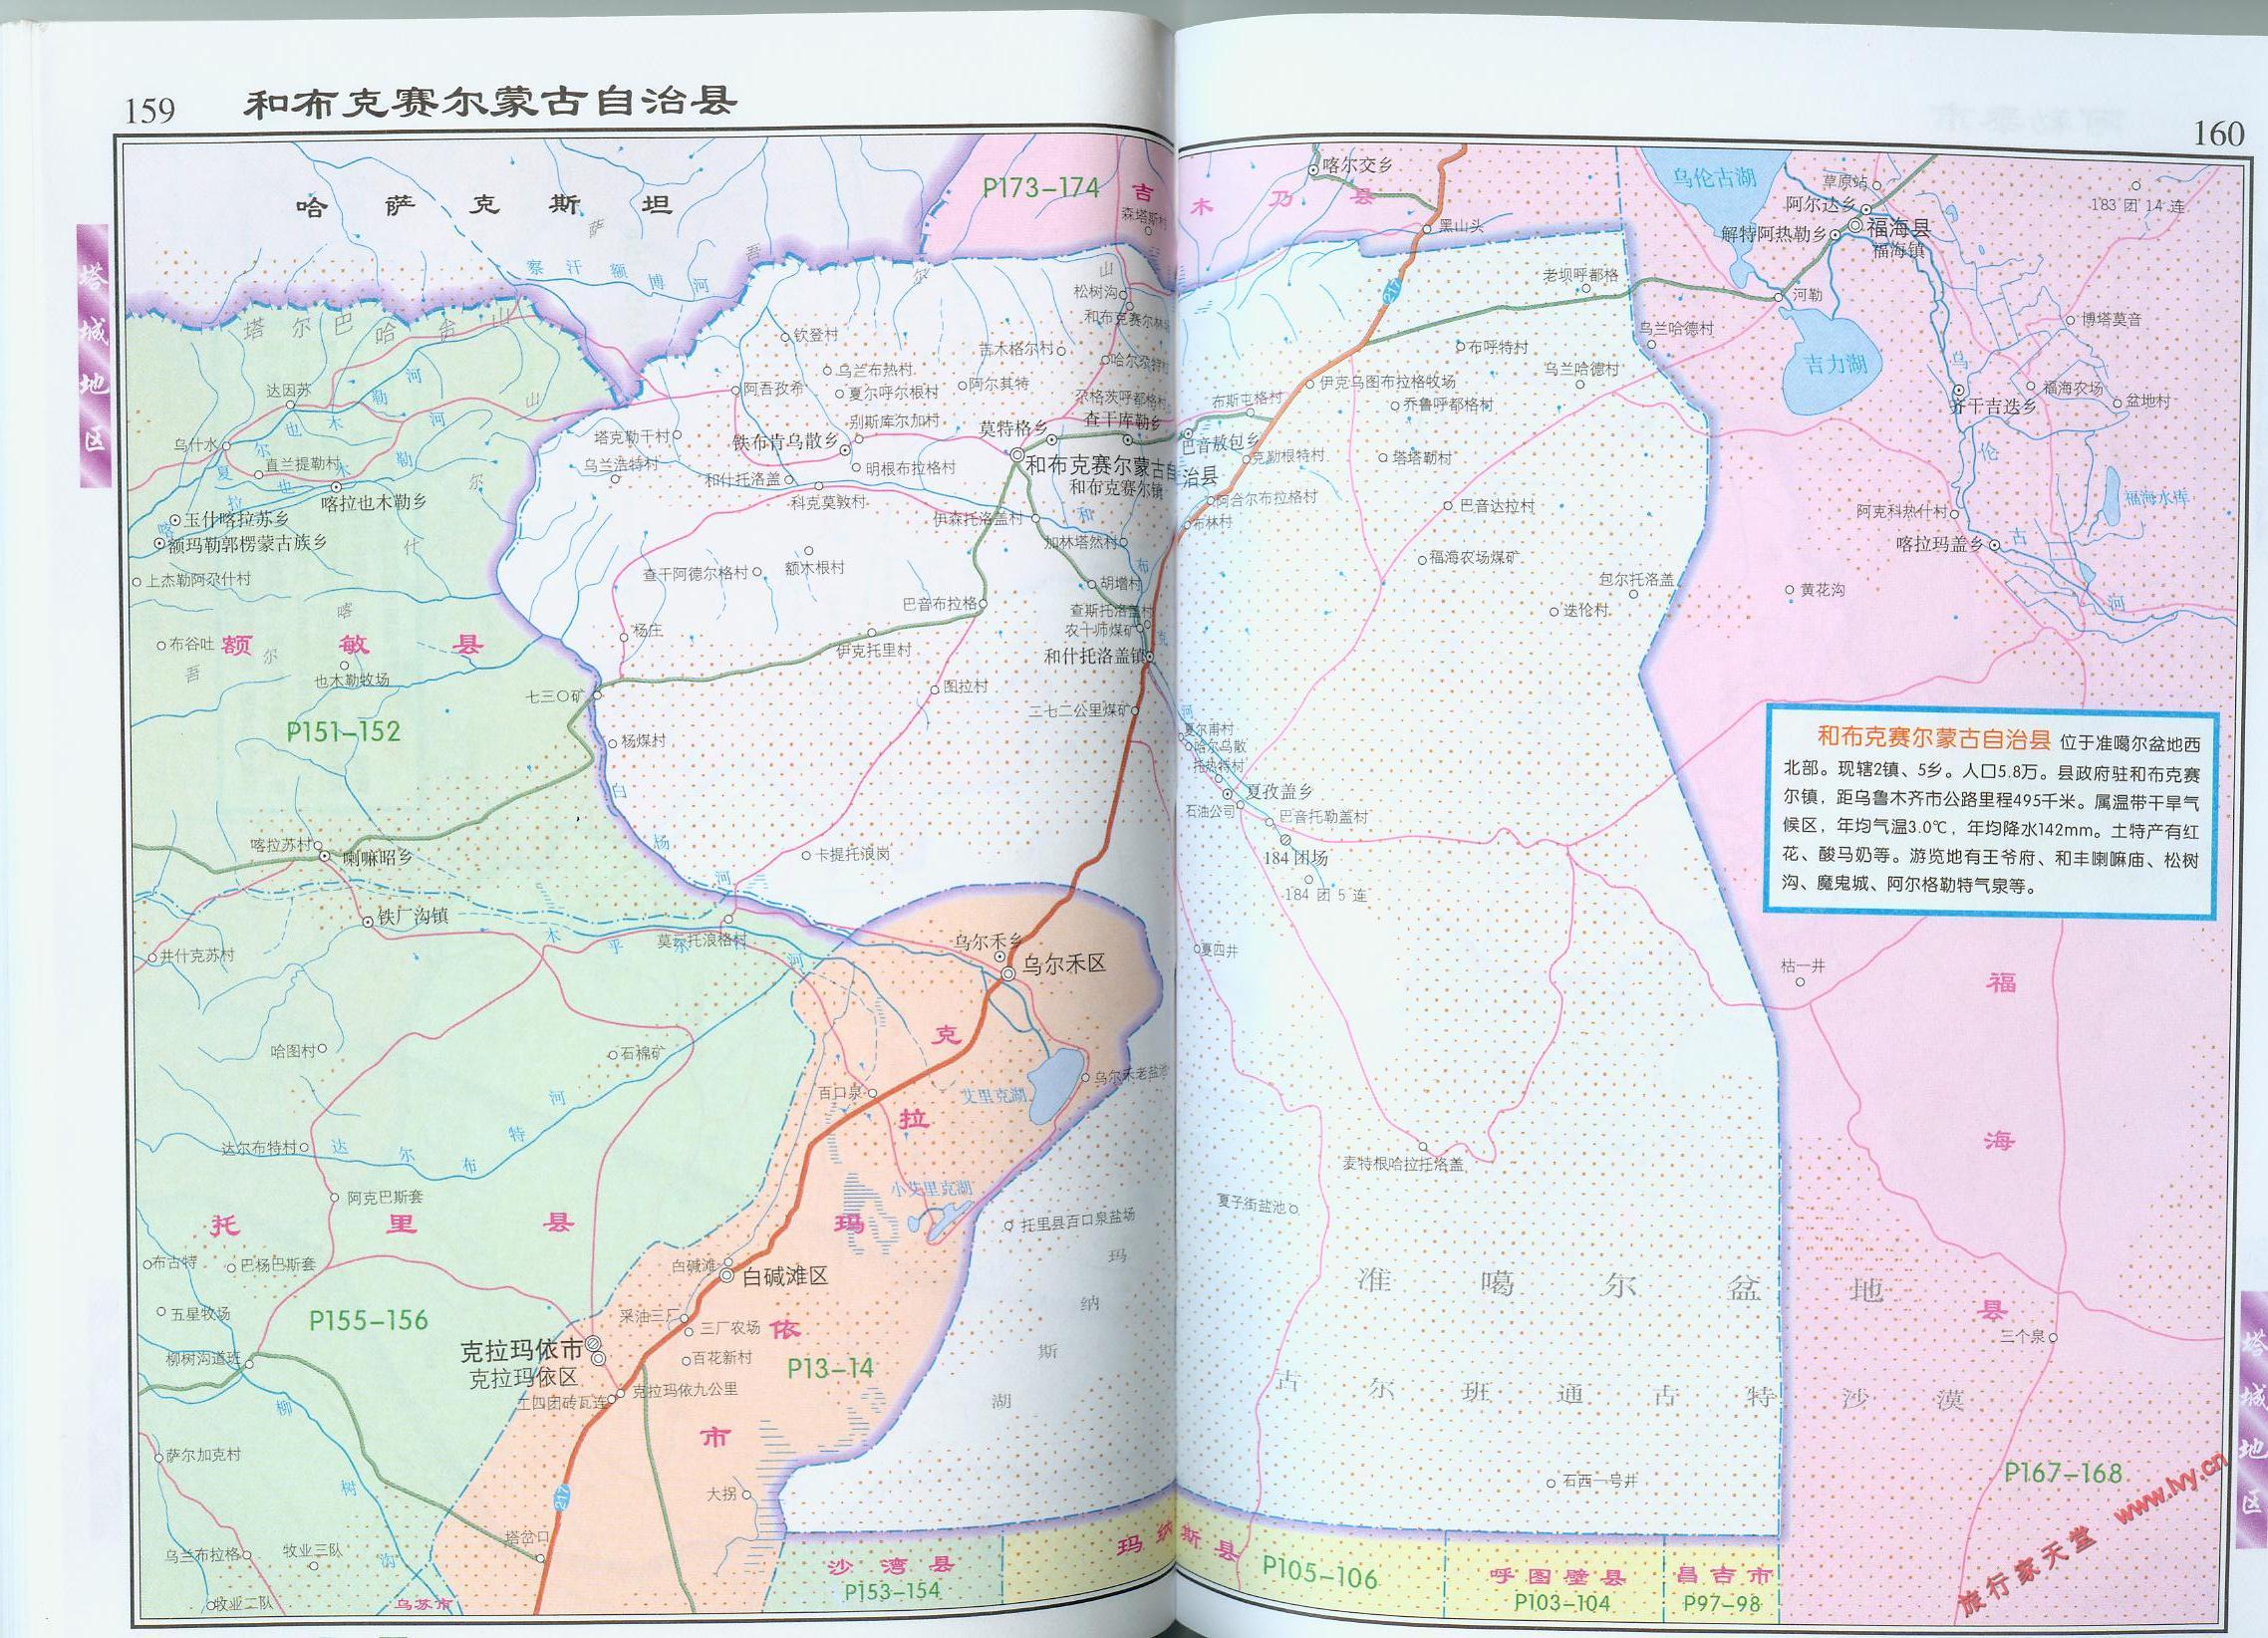 和布克赛尔蒙古自治县地图高清版